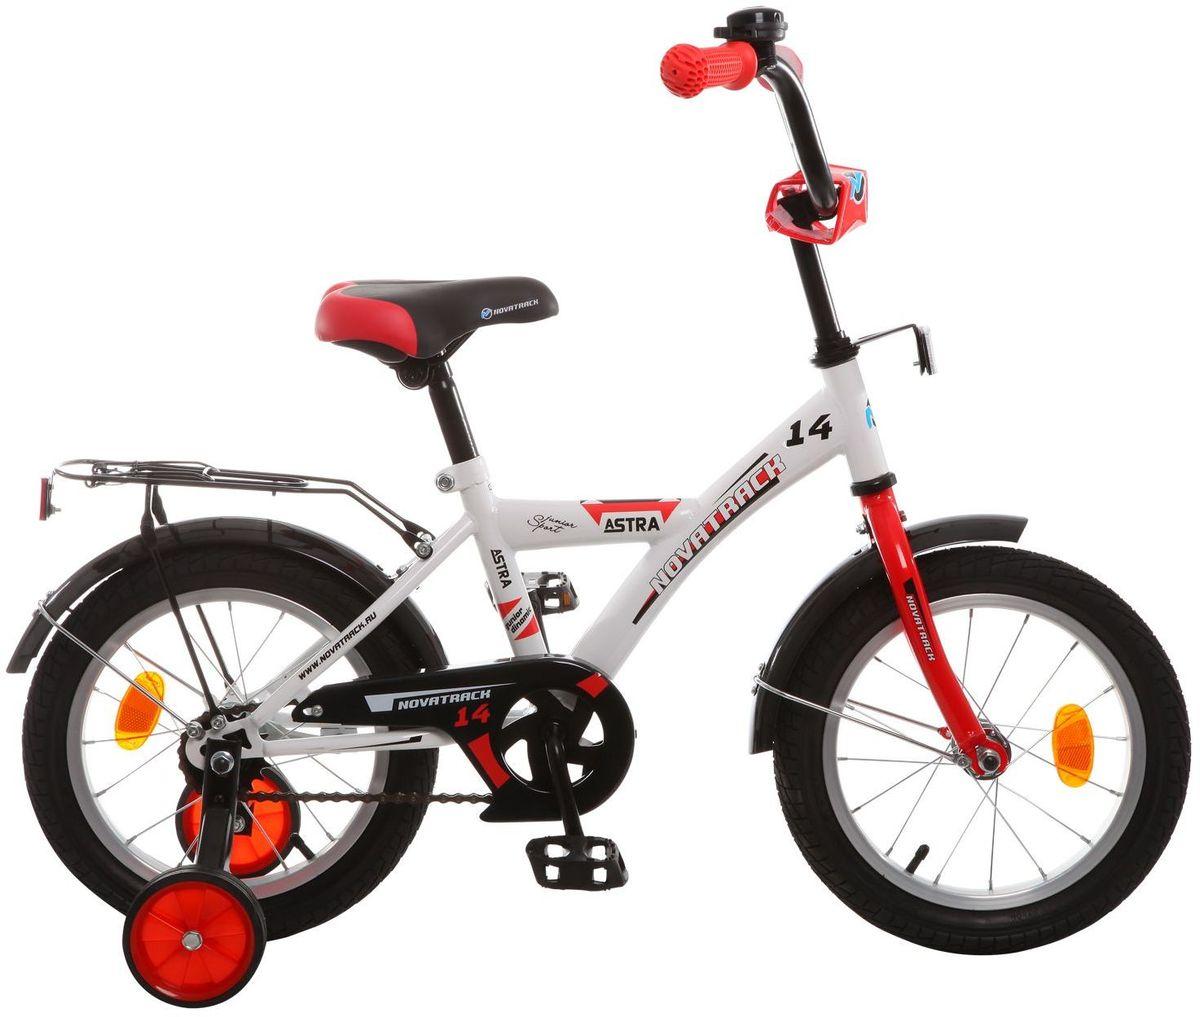 Велосипед детский Novatrack Astra, цвет: белый, 14143ASTRA.WT5Хотите, чтобы ваш ребенок играя укреплял здоровье? Тогда ему нужен удобный и надежный велосипед Novatrack Astra 14'', рассчитанный на малышей 3-5 лет. Одного взгляда малыша хватит, чтобы раз и навсегда влюбиться в свой новенький двухколесный транспорт, который в принципе, сначала можно назвать и четырехколесным. Дополнительную устойчивость железному «коню» обеспечивают два маленьких съемных колеса в цвет велосипеда. Astra собрана на базе рамы с универсальной геометрией, которая позволяет легко взобраться или слезть с велосипеда, при этом он имеет такой вес, что маленький ребенок сам легко справляется со своим транспортным средством. Так как велосипед предназначен для самых маленьких, предусмотрен ограничитель поворота руля, который не позволит сильно завернуть руль и упасть. Еще один элемент безопасности – это защита цепи, которая оберегает одежду и ноги малыша от попадания в механизм. Стильные крылья защитят от грязи и брызг, а на багажнике ребенок сможет перевозить массу полезных в...